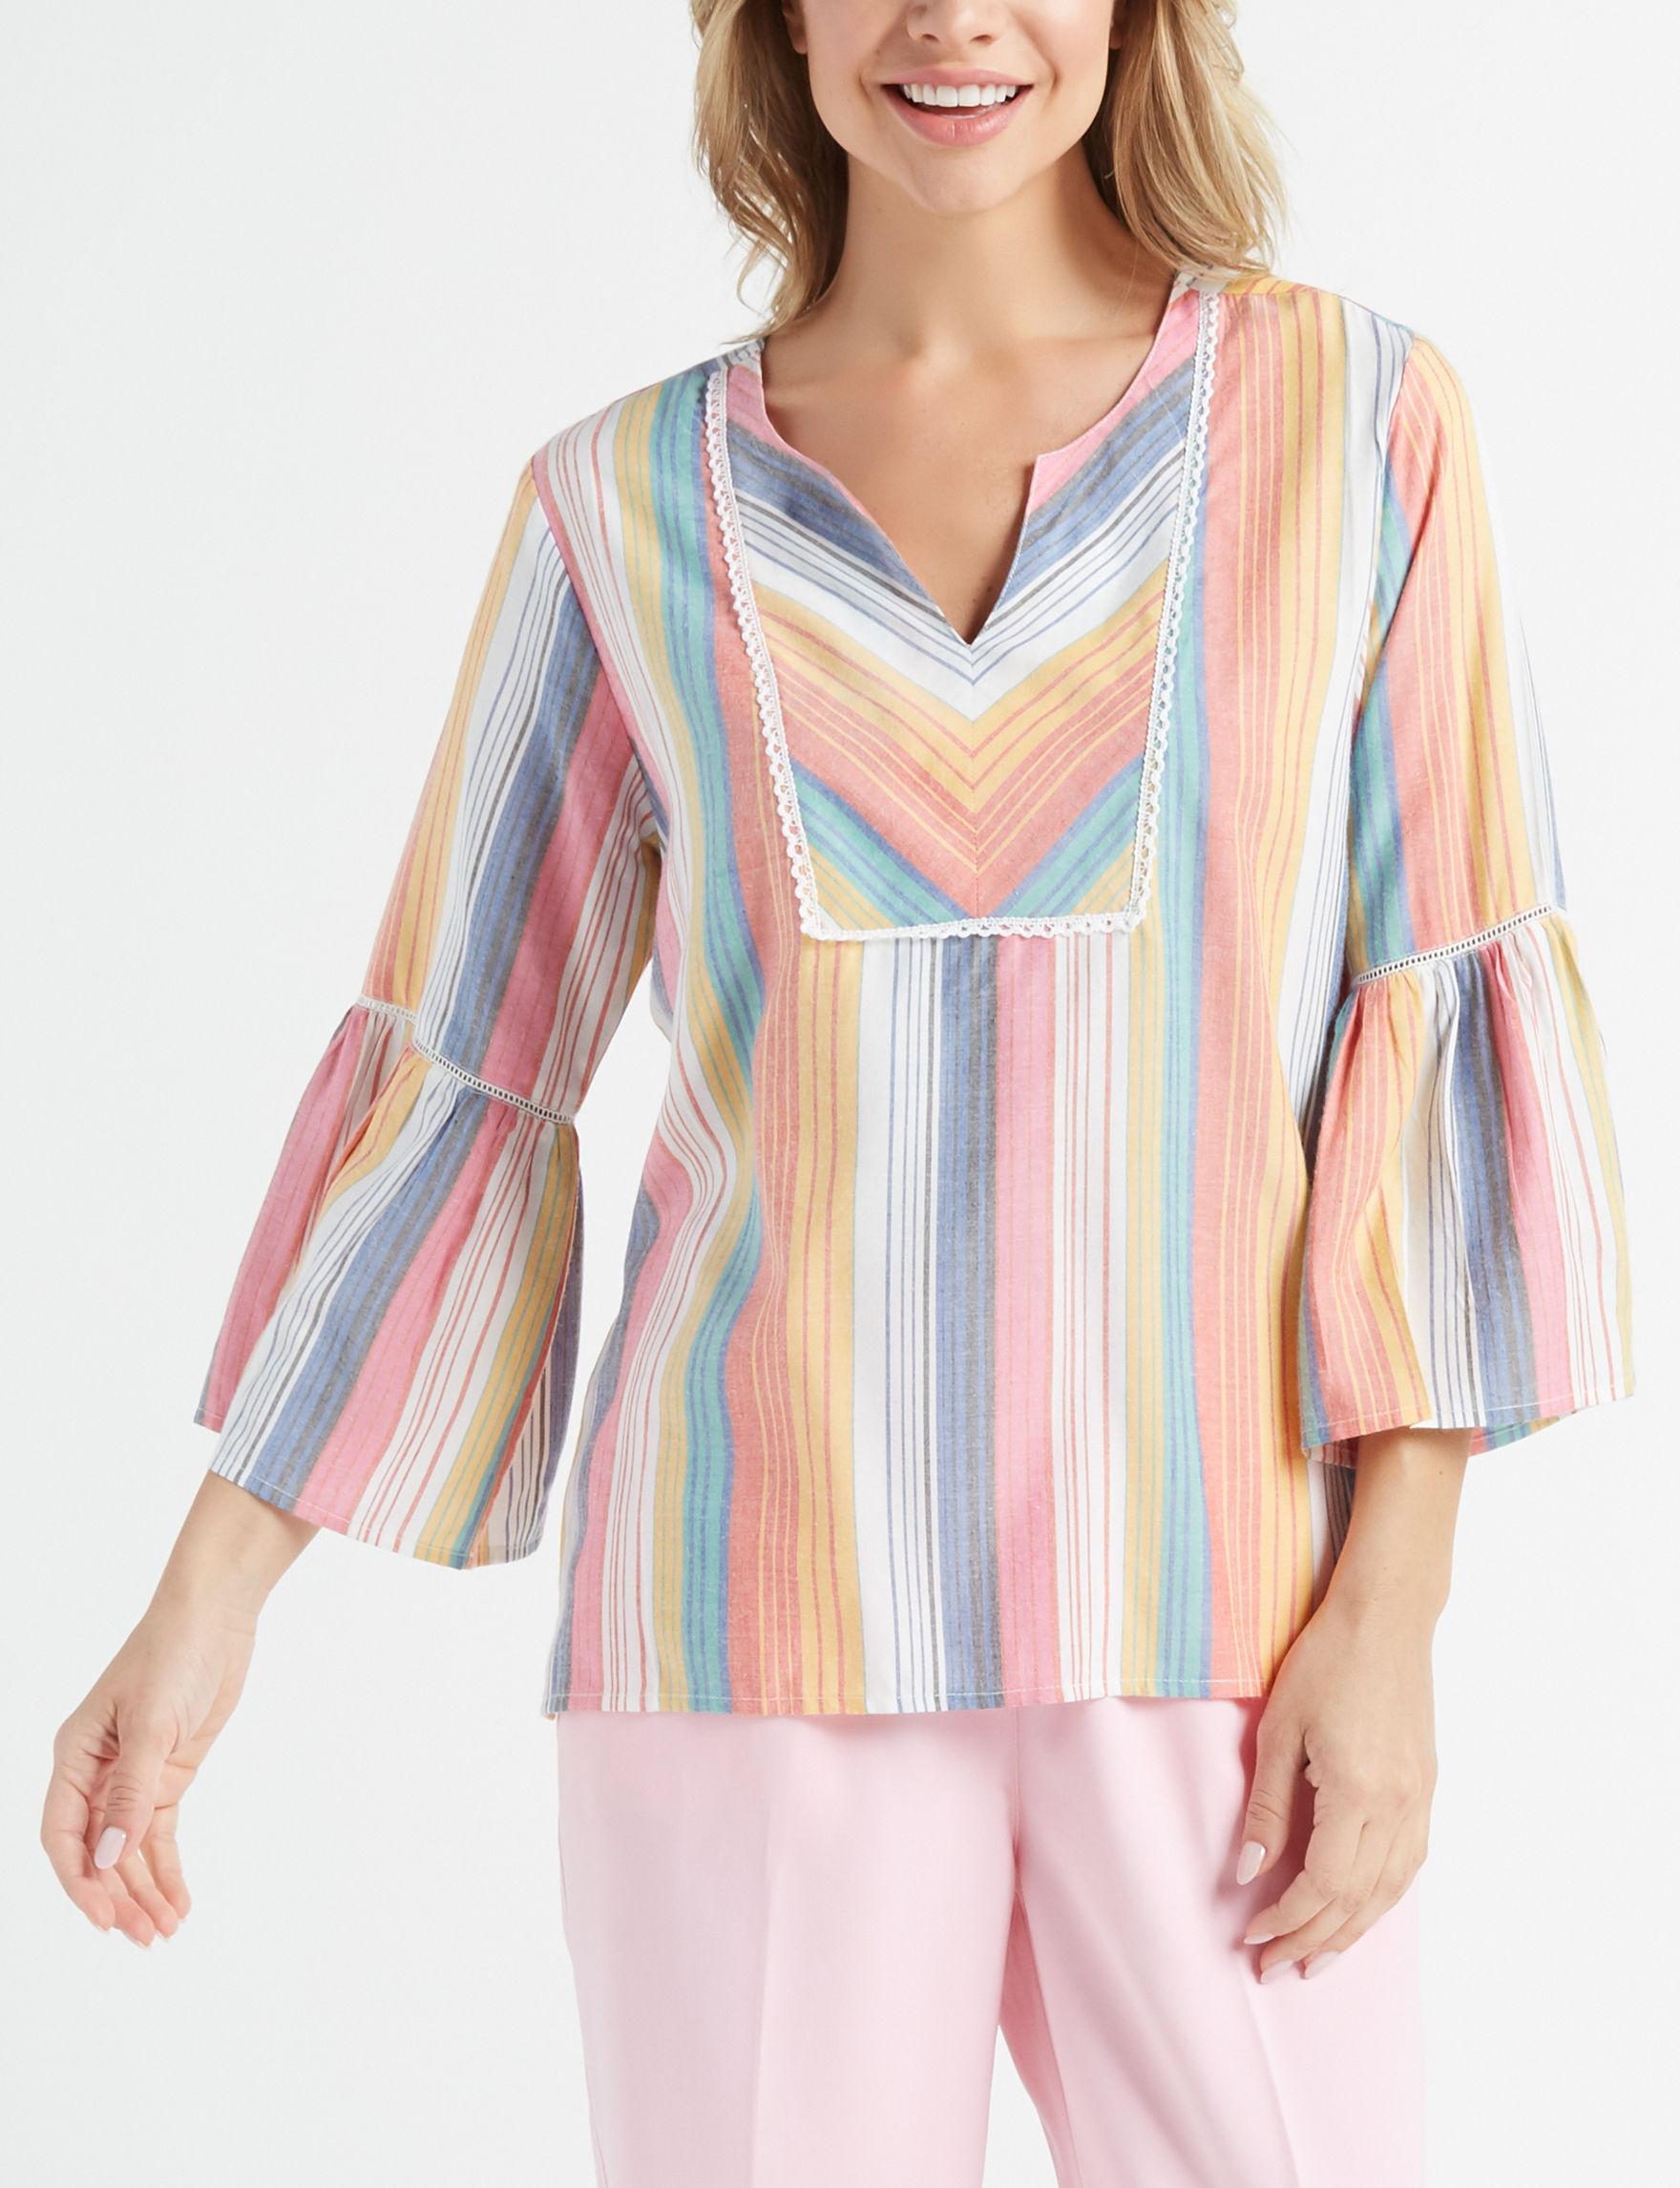 Rebecca Malone Pink Multi Shirts & Blouses Tunics